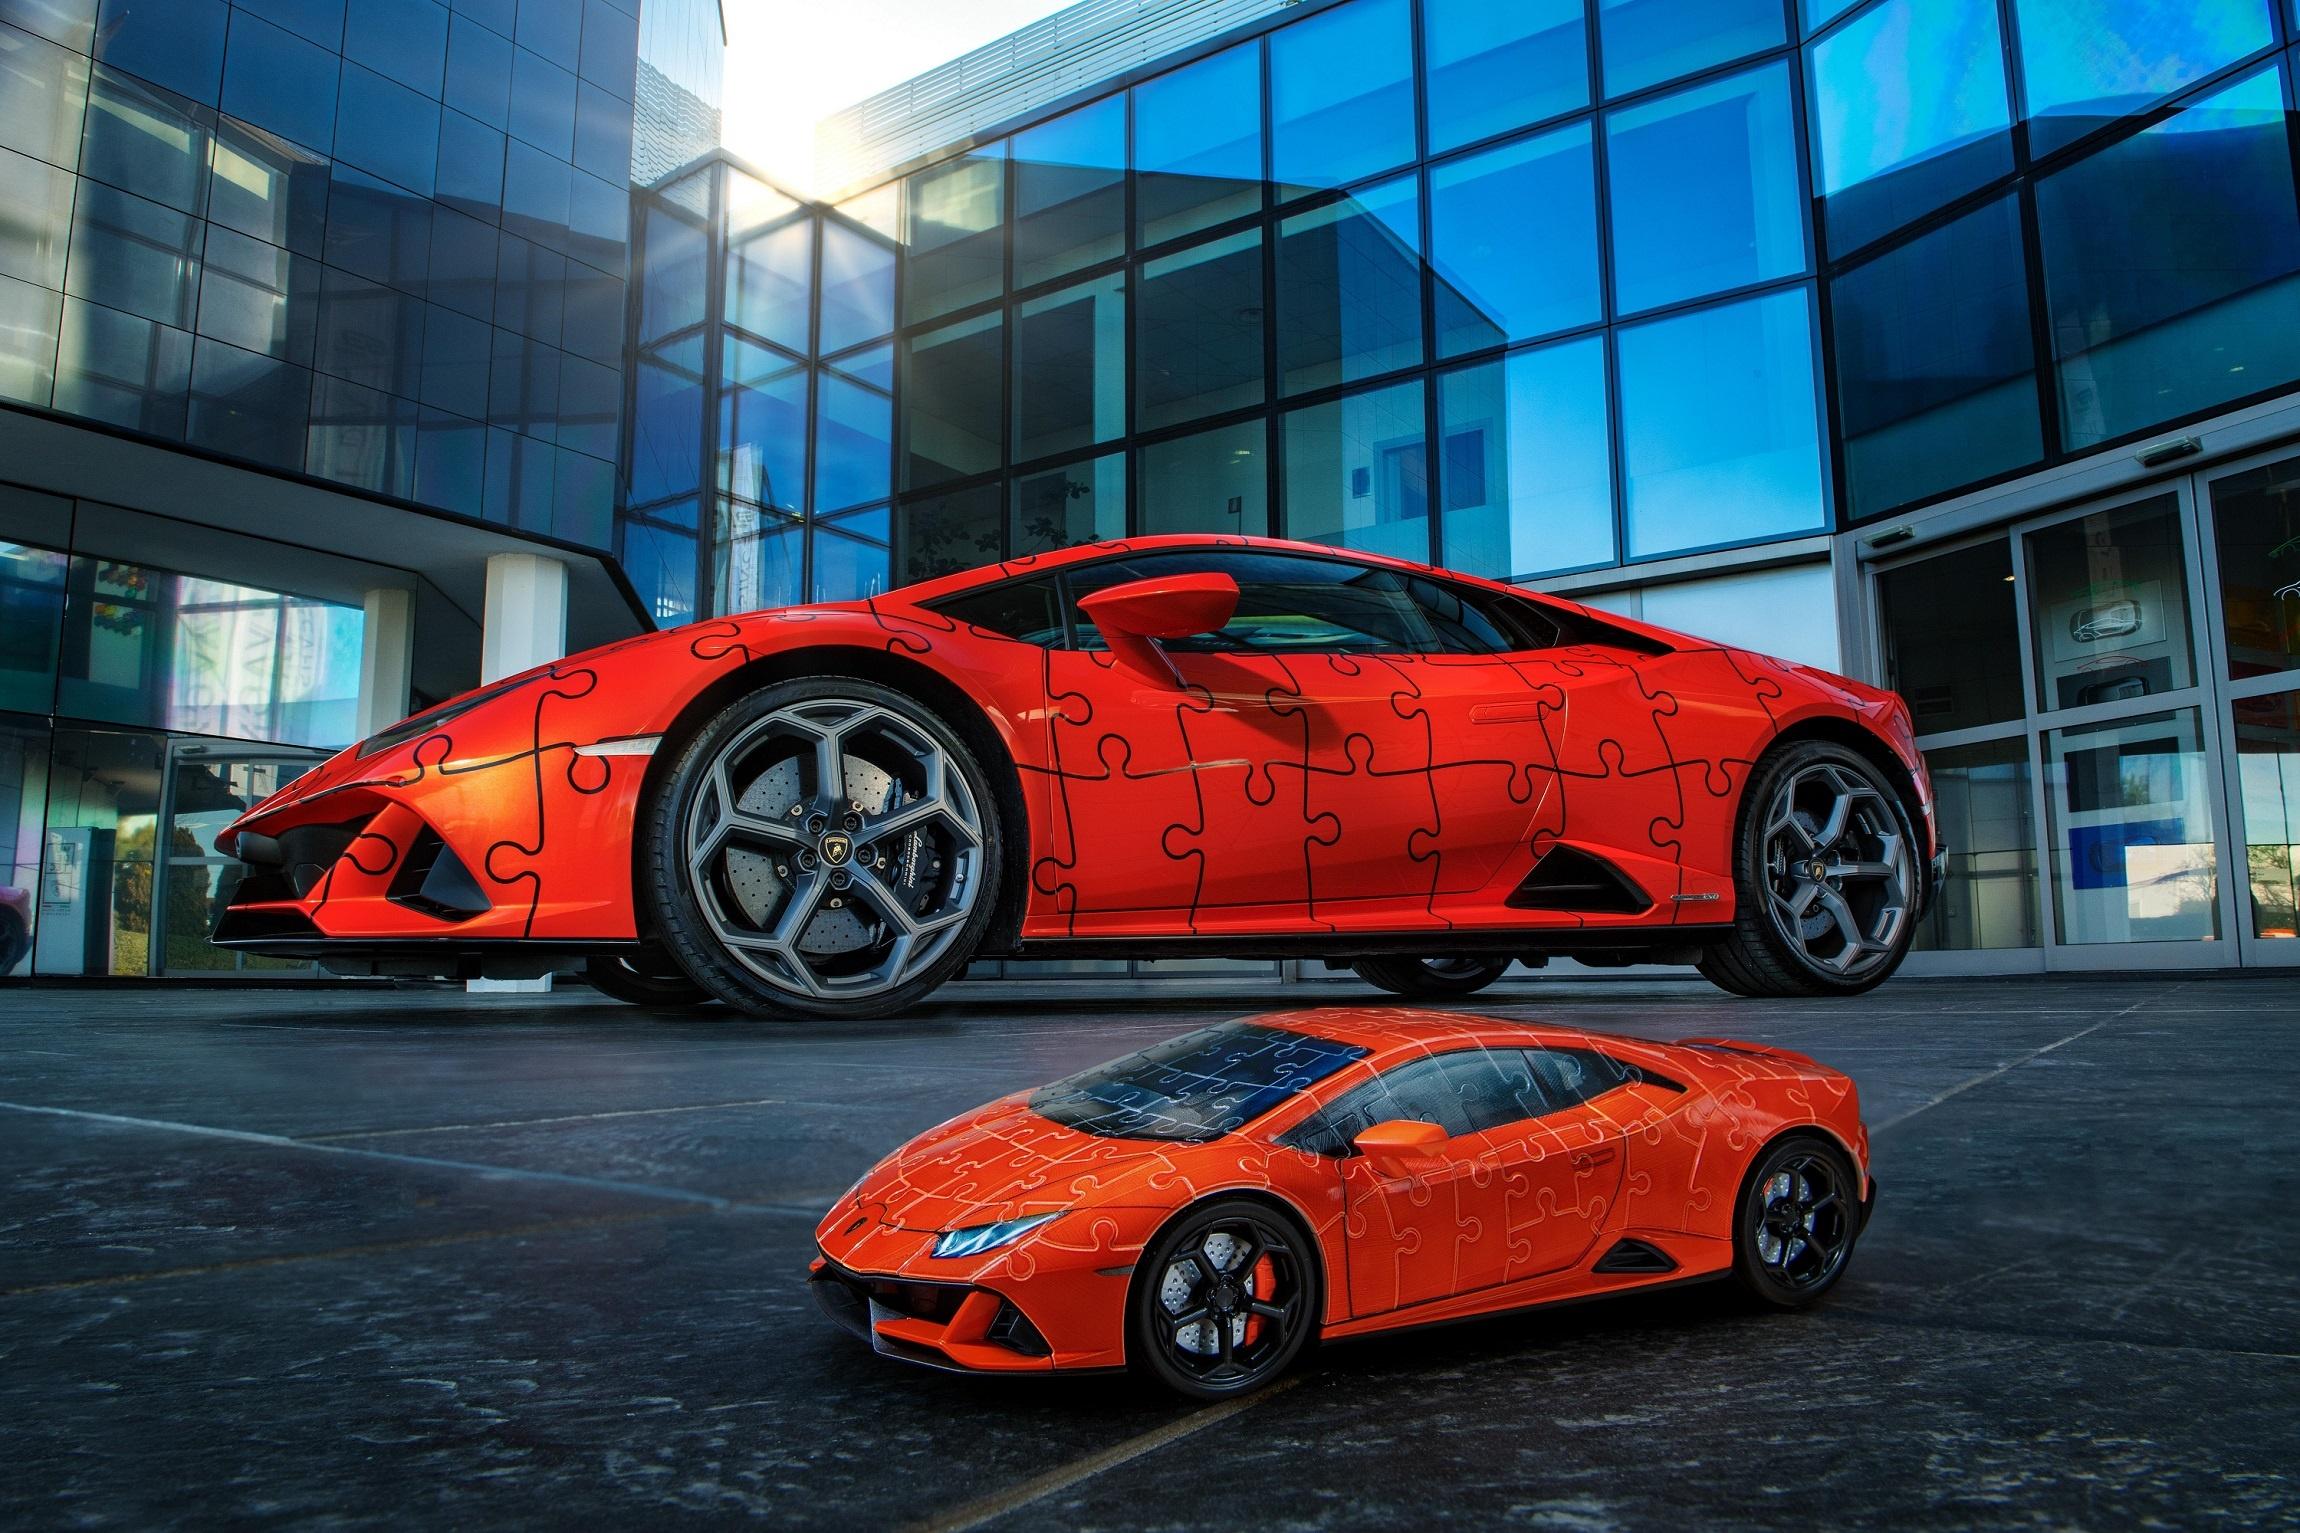 The Lamborghini Huracán EVO: build a super sports car in a 3D jigsaw puzzle